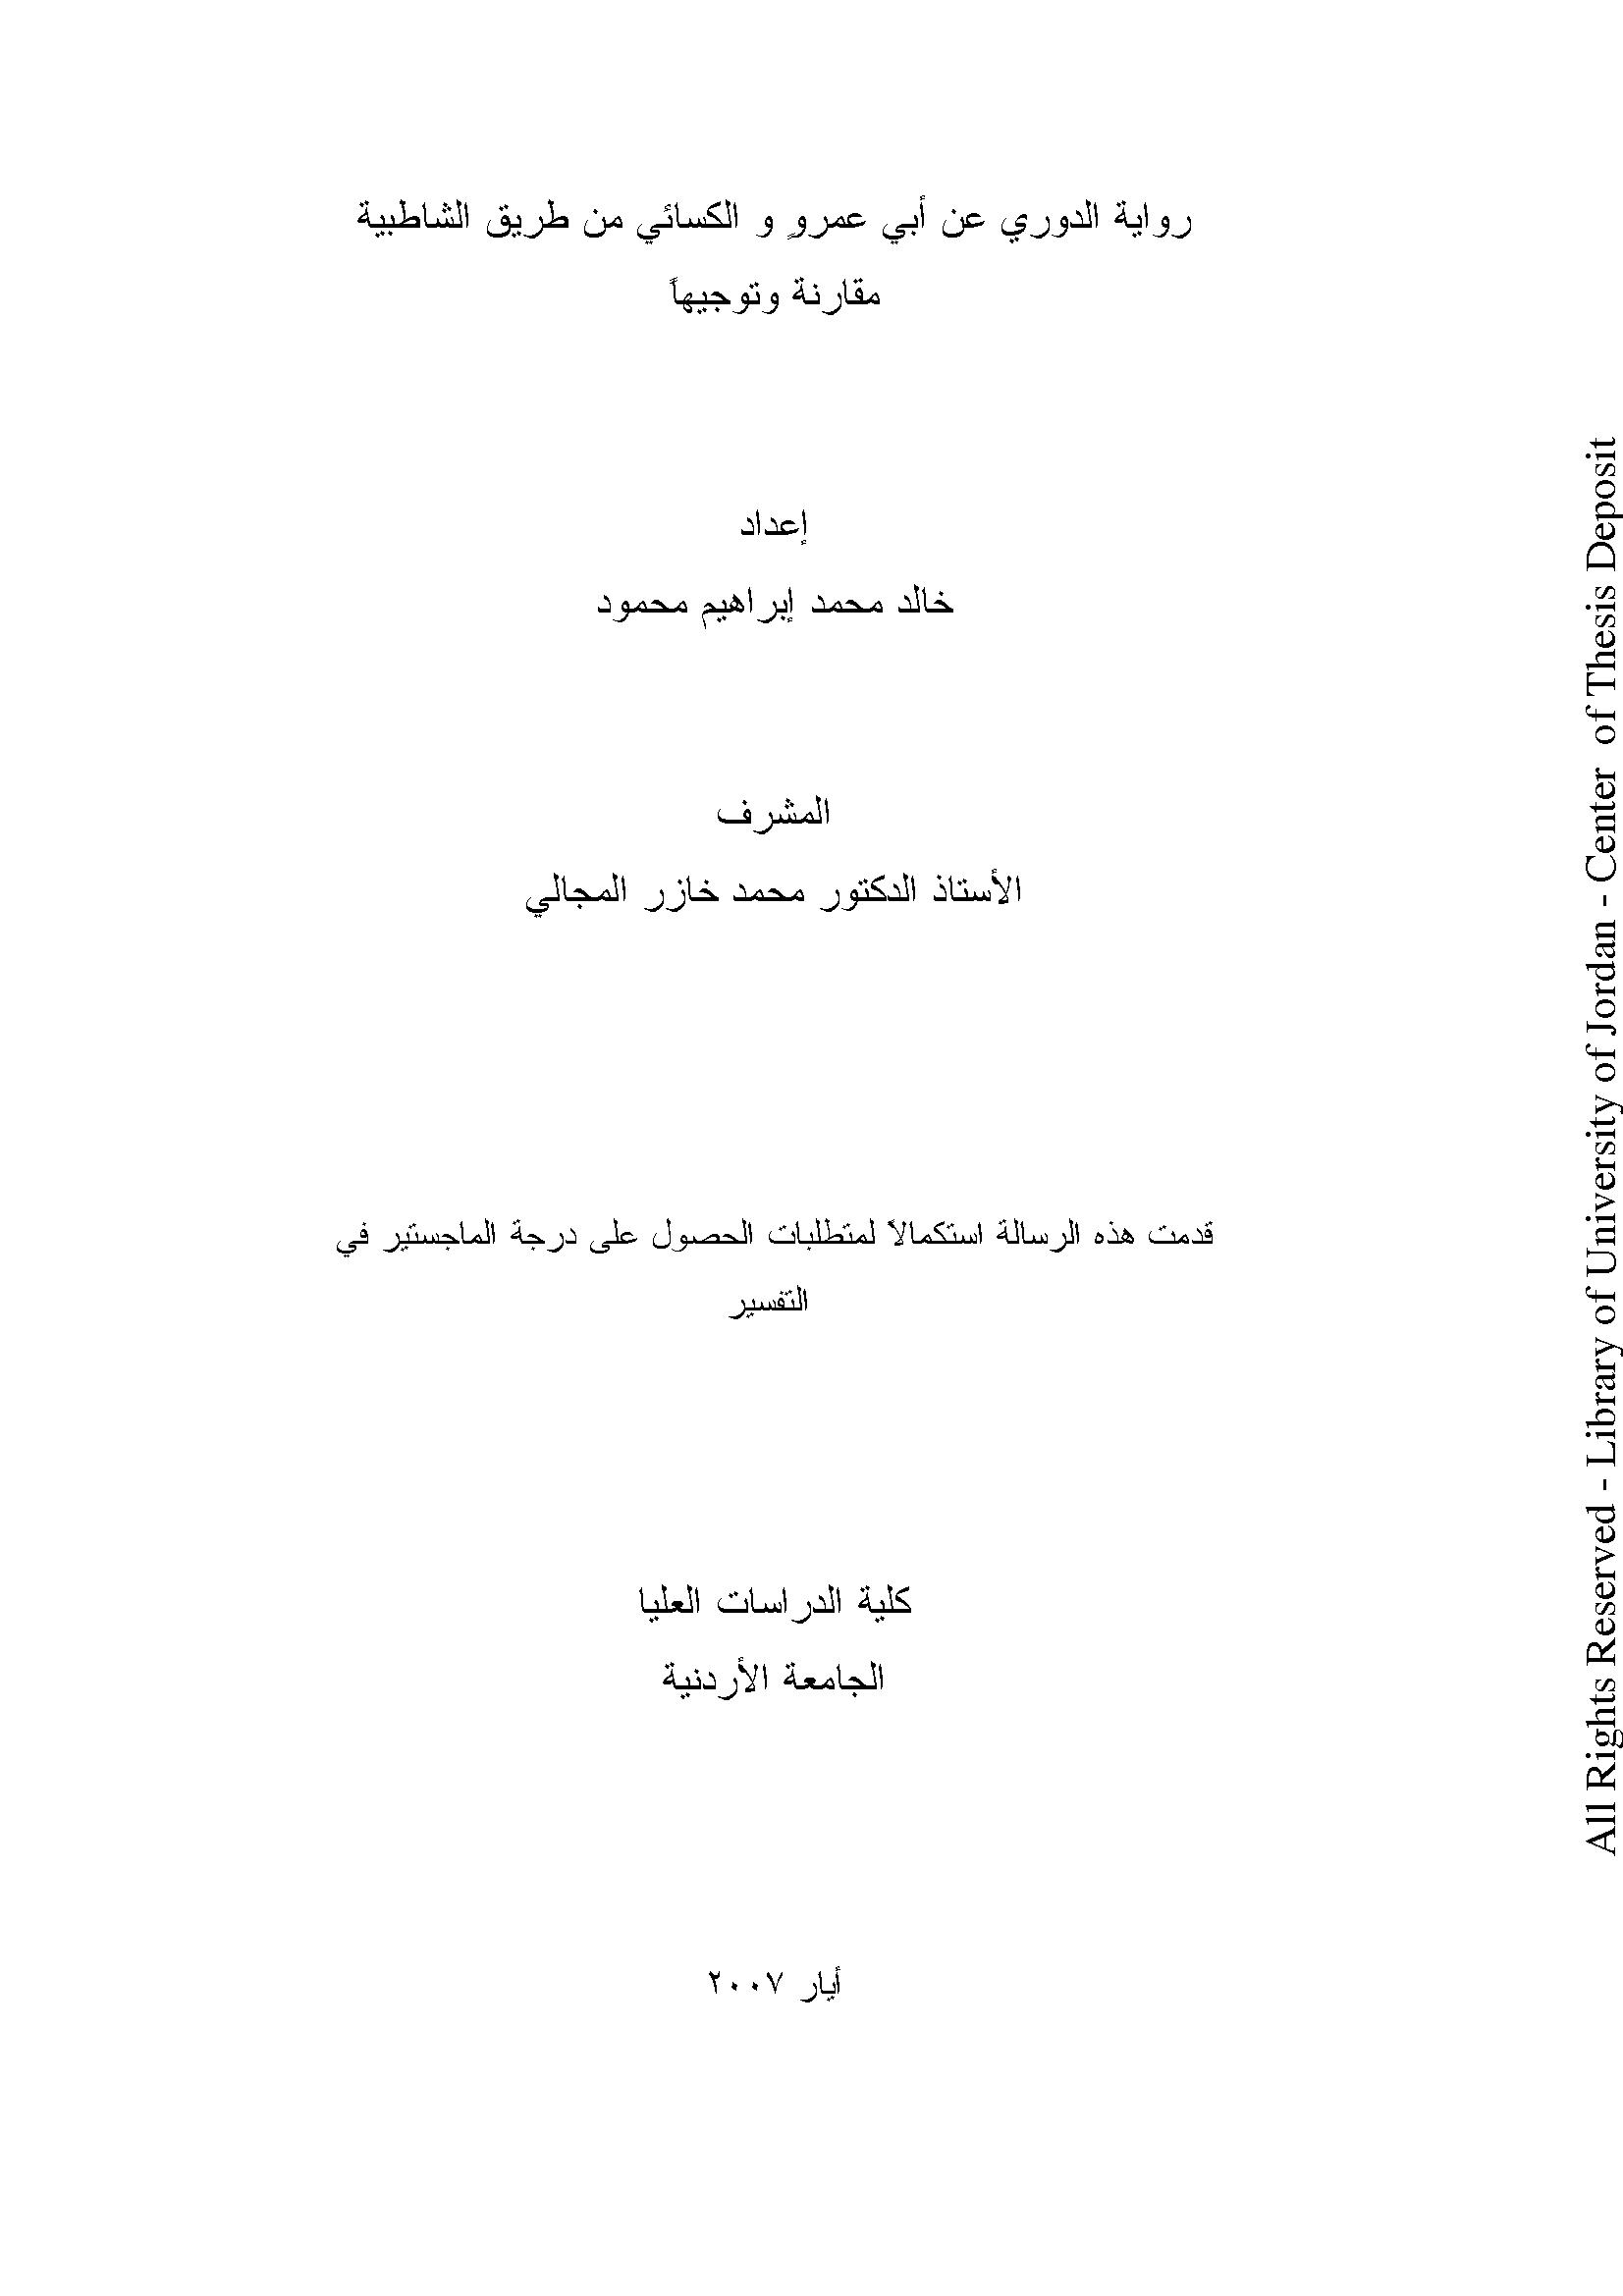 تحميل كتاب رواية الدوري عن أبي عمرو والكسائي من طريق الشاطبية مقارنة وتوجيهًا لـِ: خالد محمد إبراهيم محمود